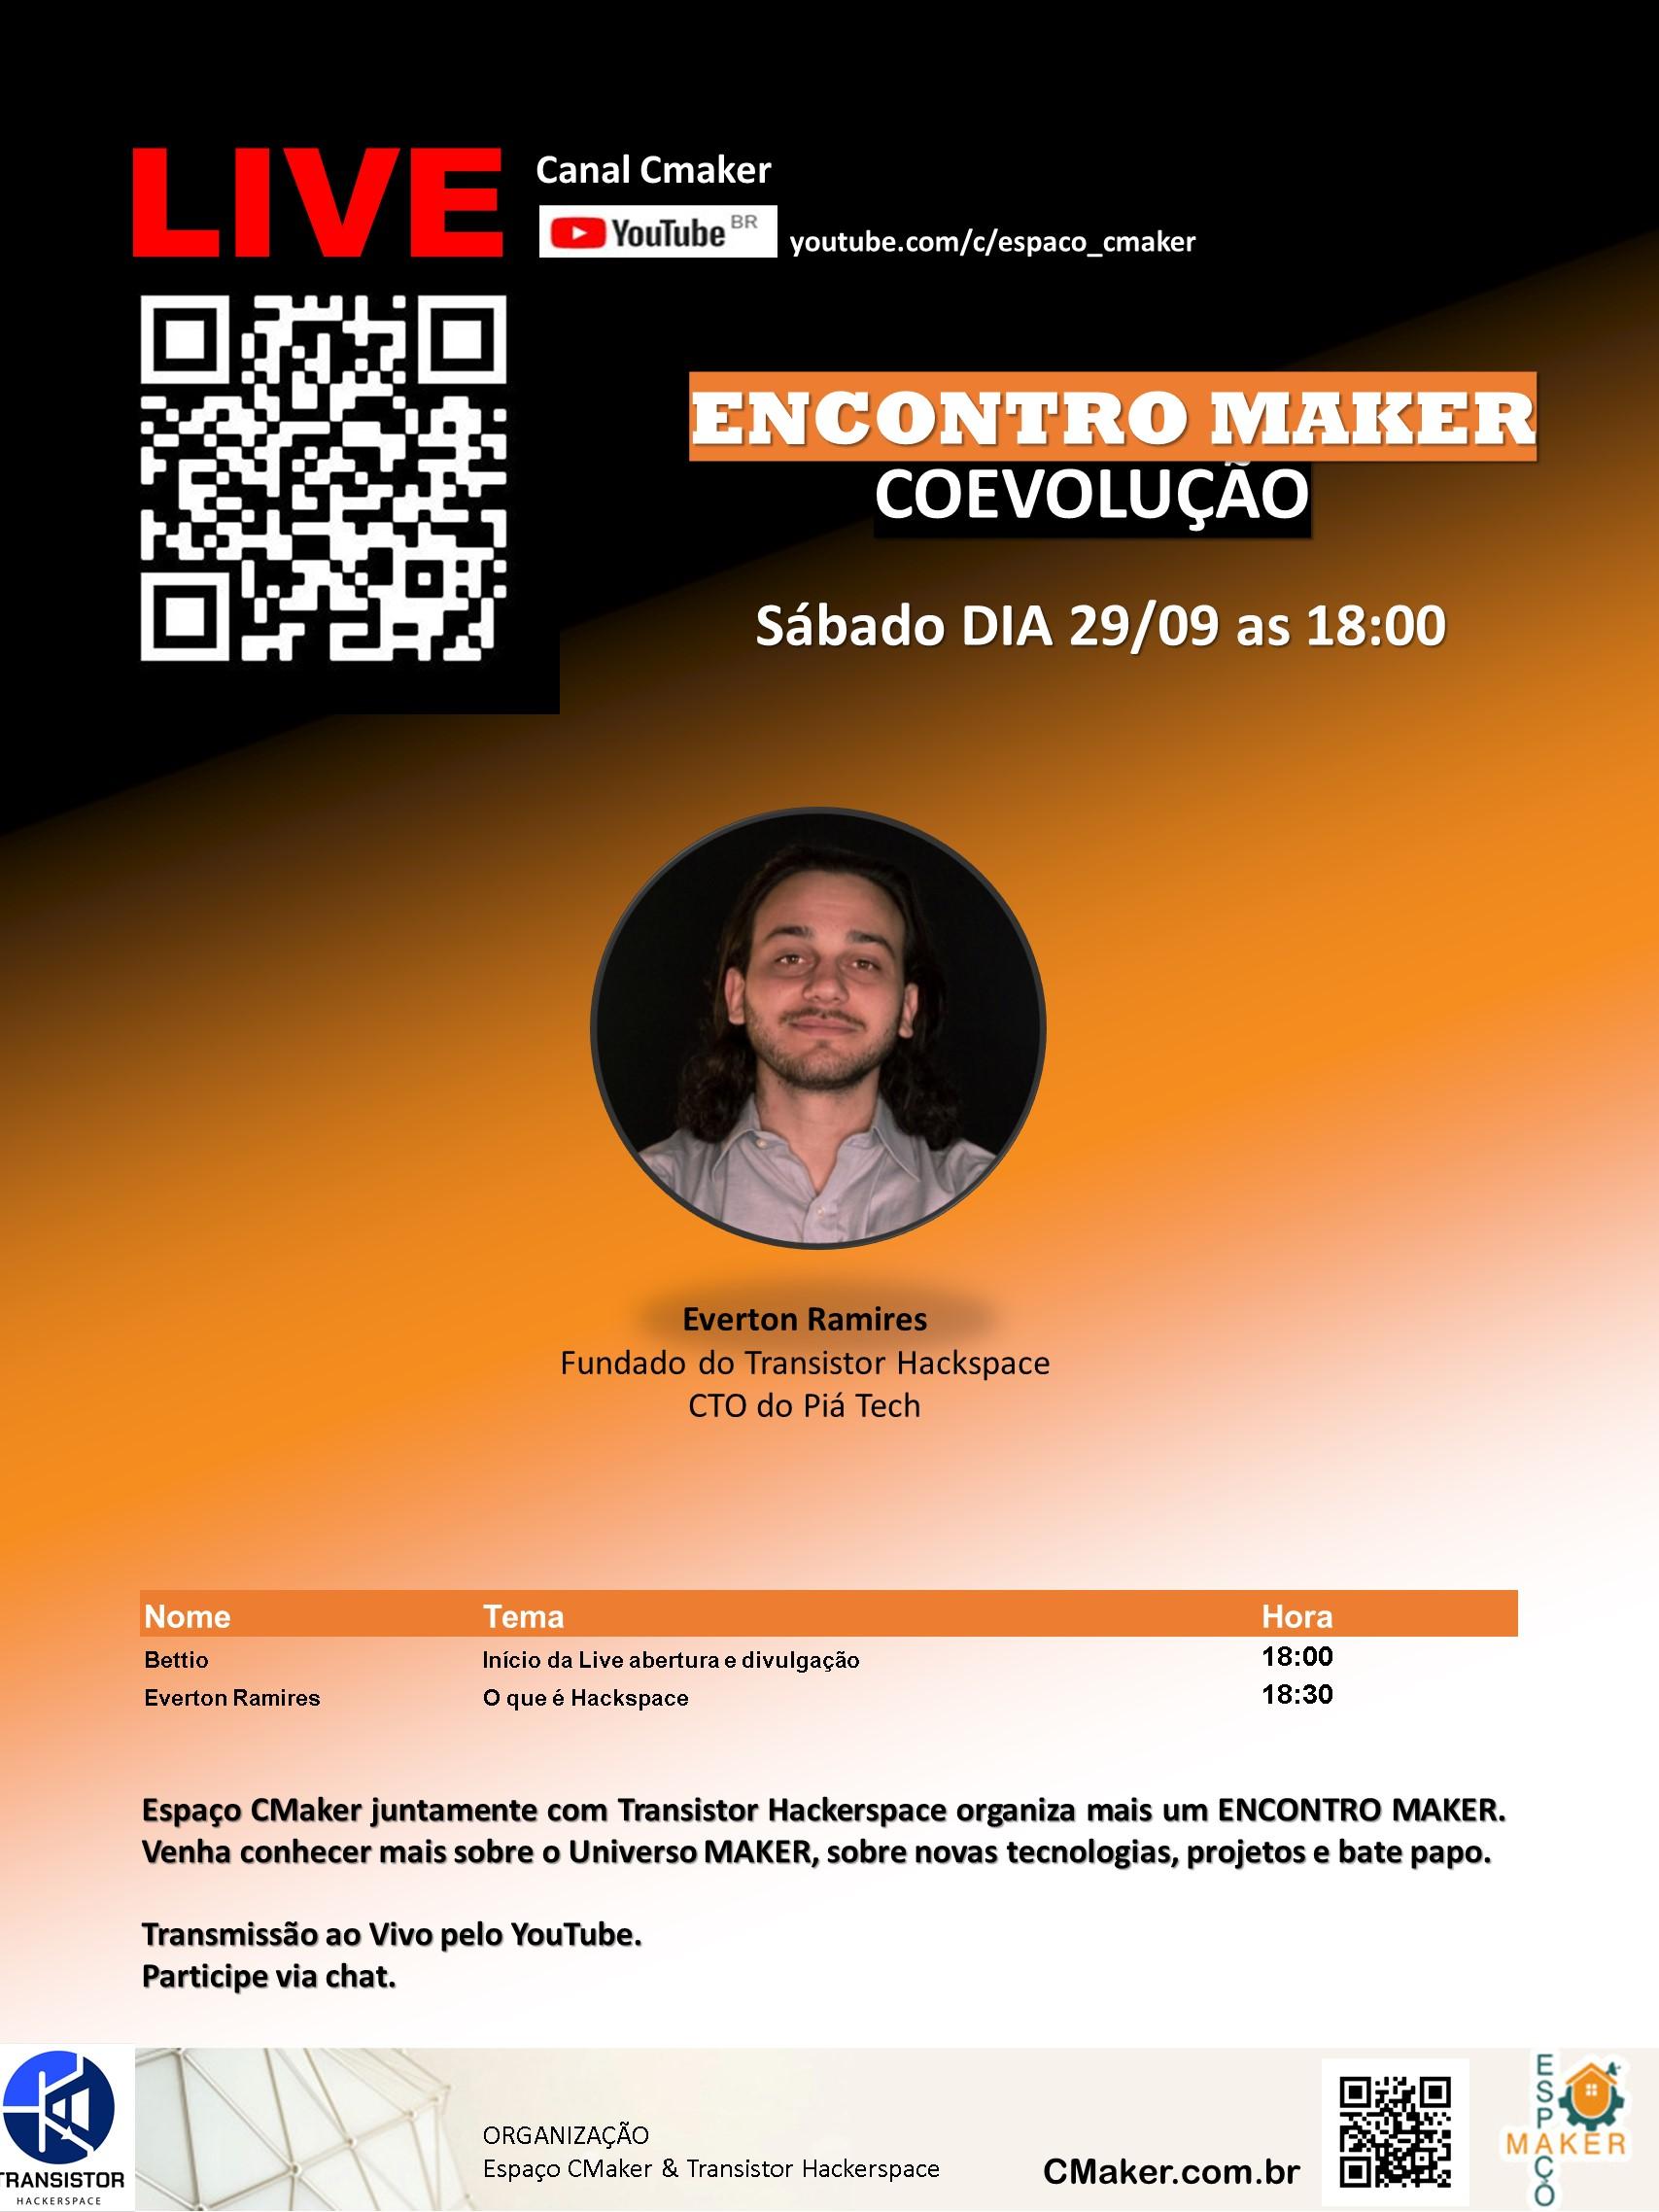 Live Espaço CMaker 26/09 18:00